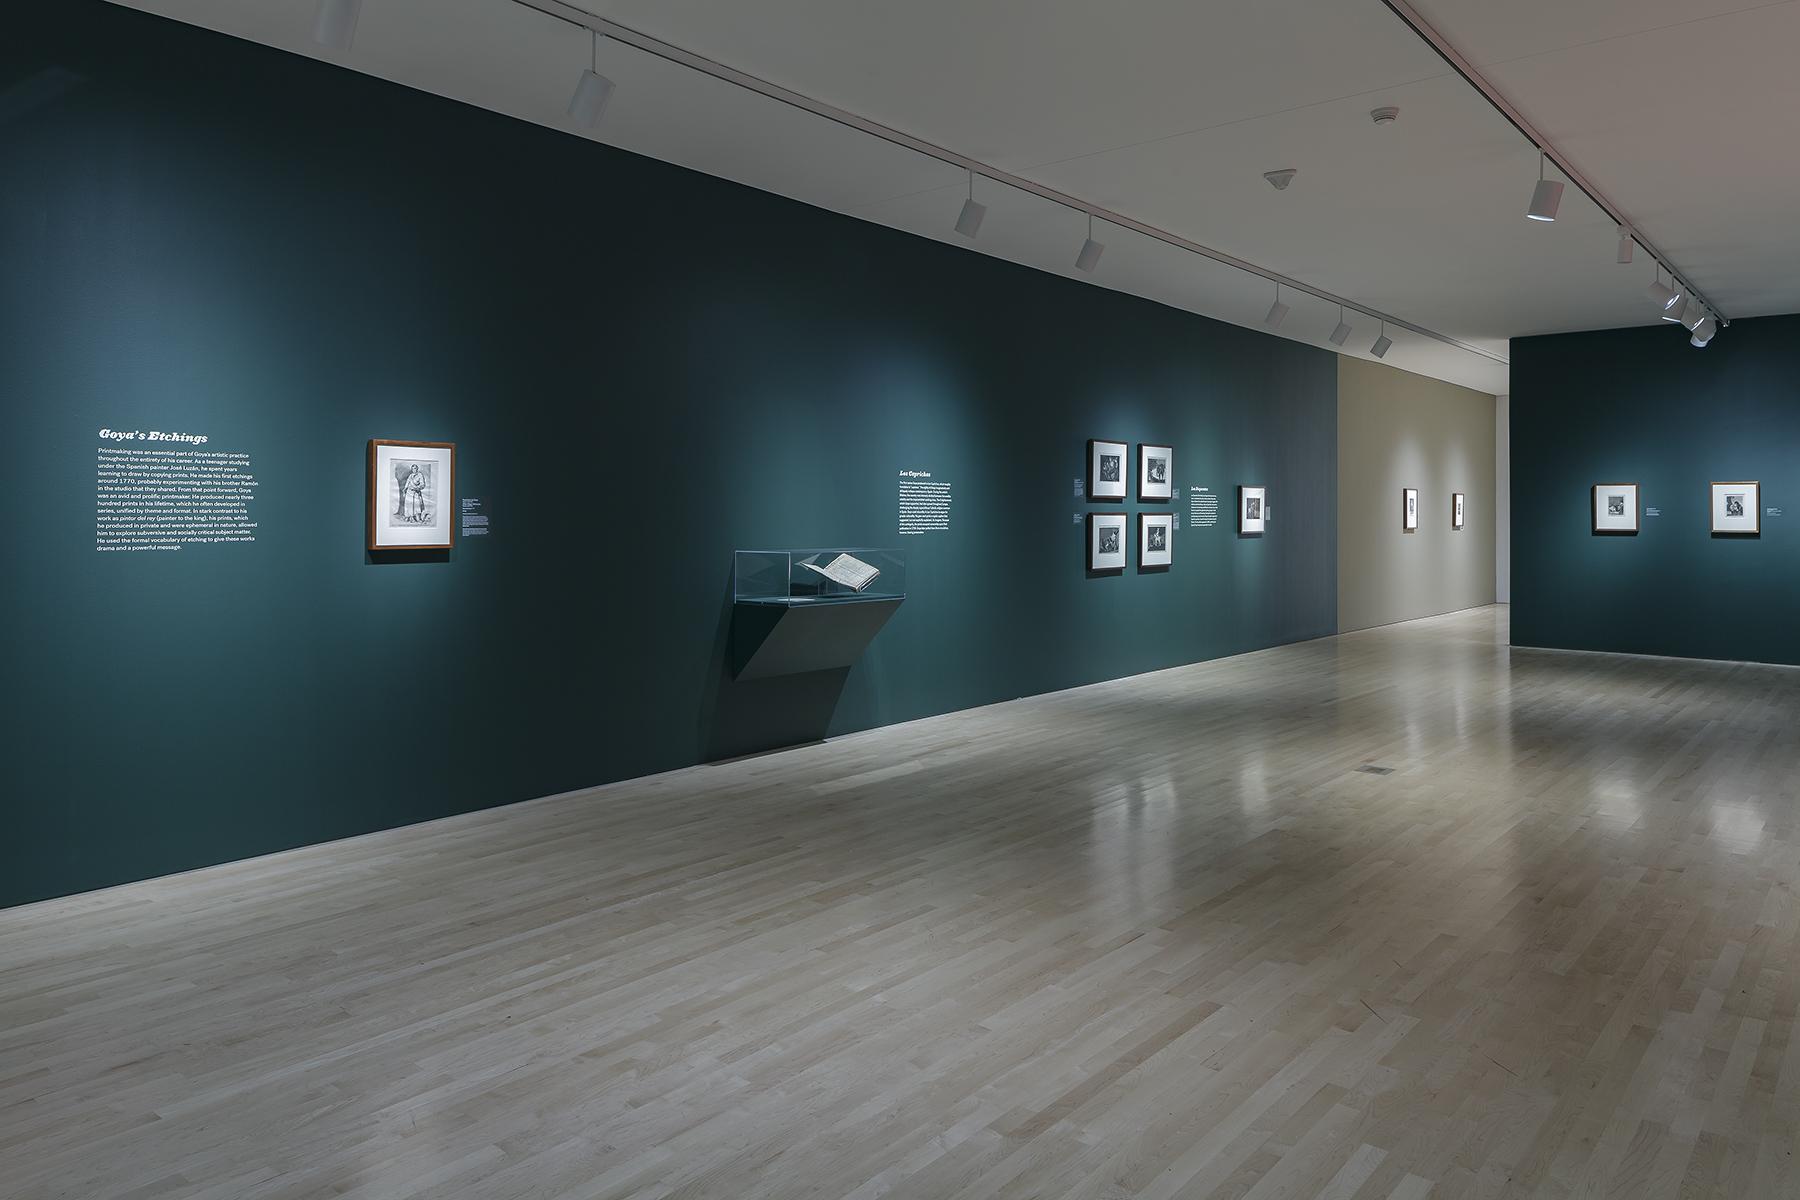 Goya_10.jpg